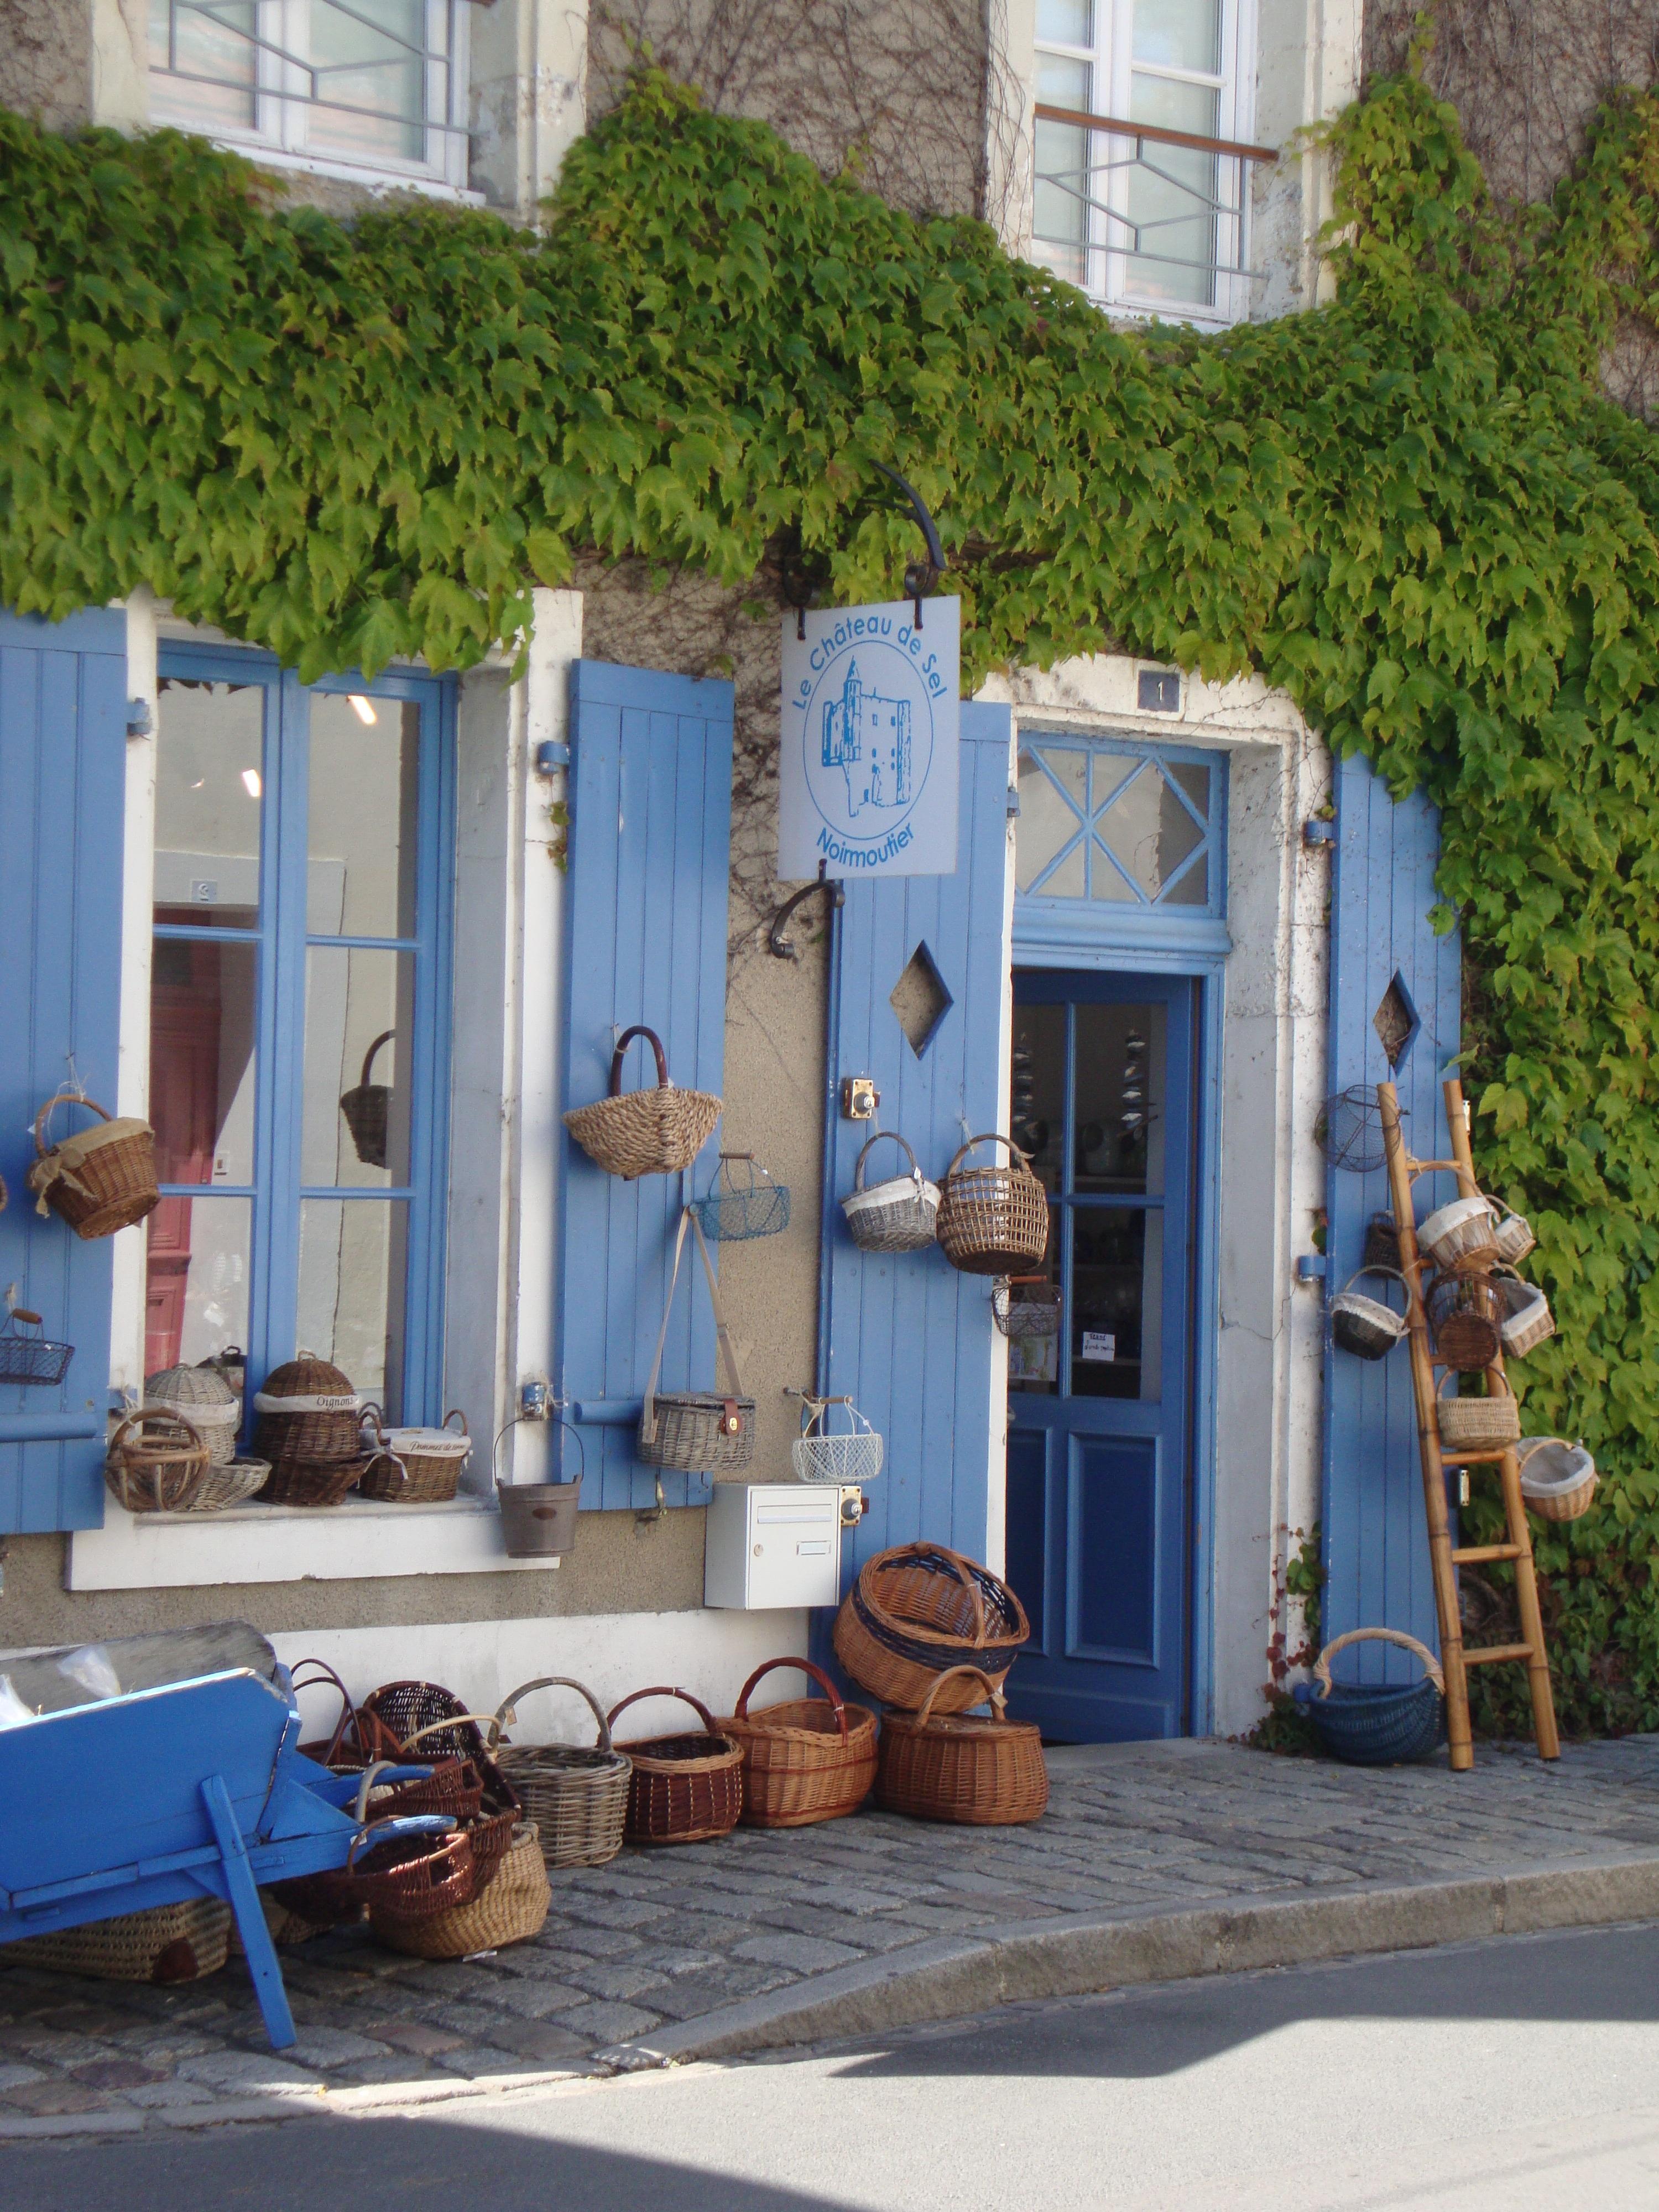 File l93 maison noirmoutier en l 39 le jpg wikimedia commons for Maison de l emploi noirmoutier